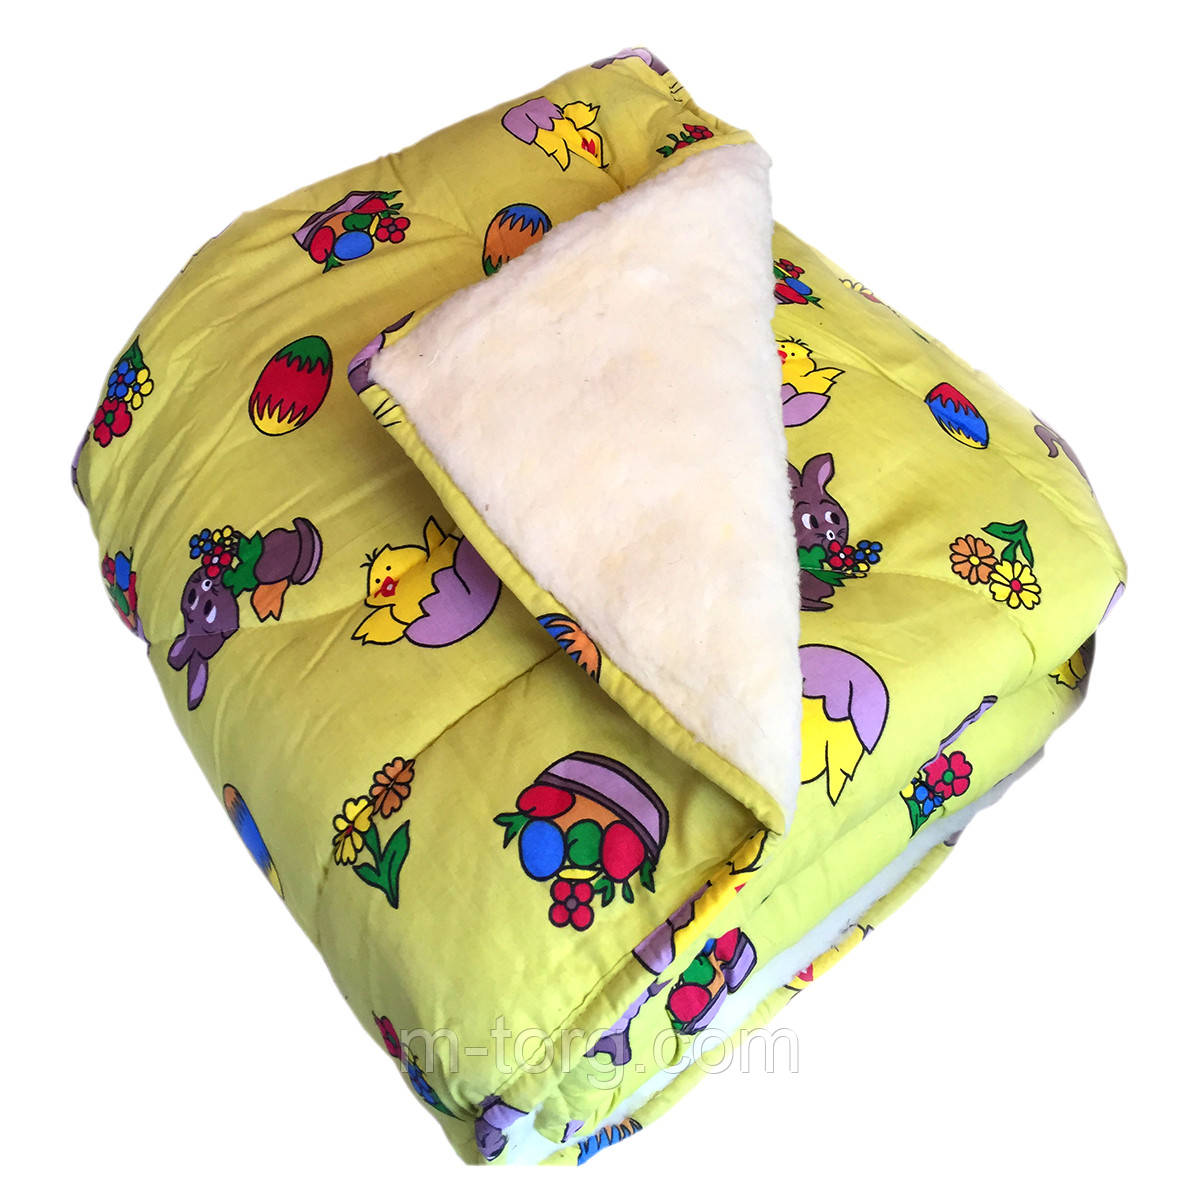 Одеяло детское 110*140 из овчины, ткань хлопок